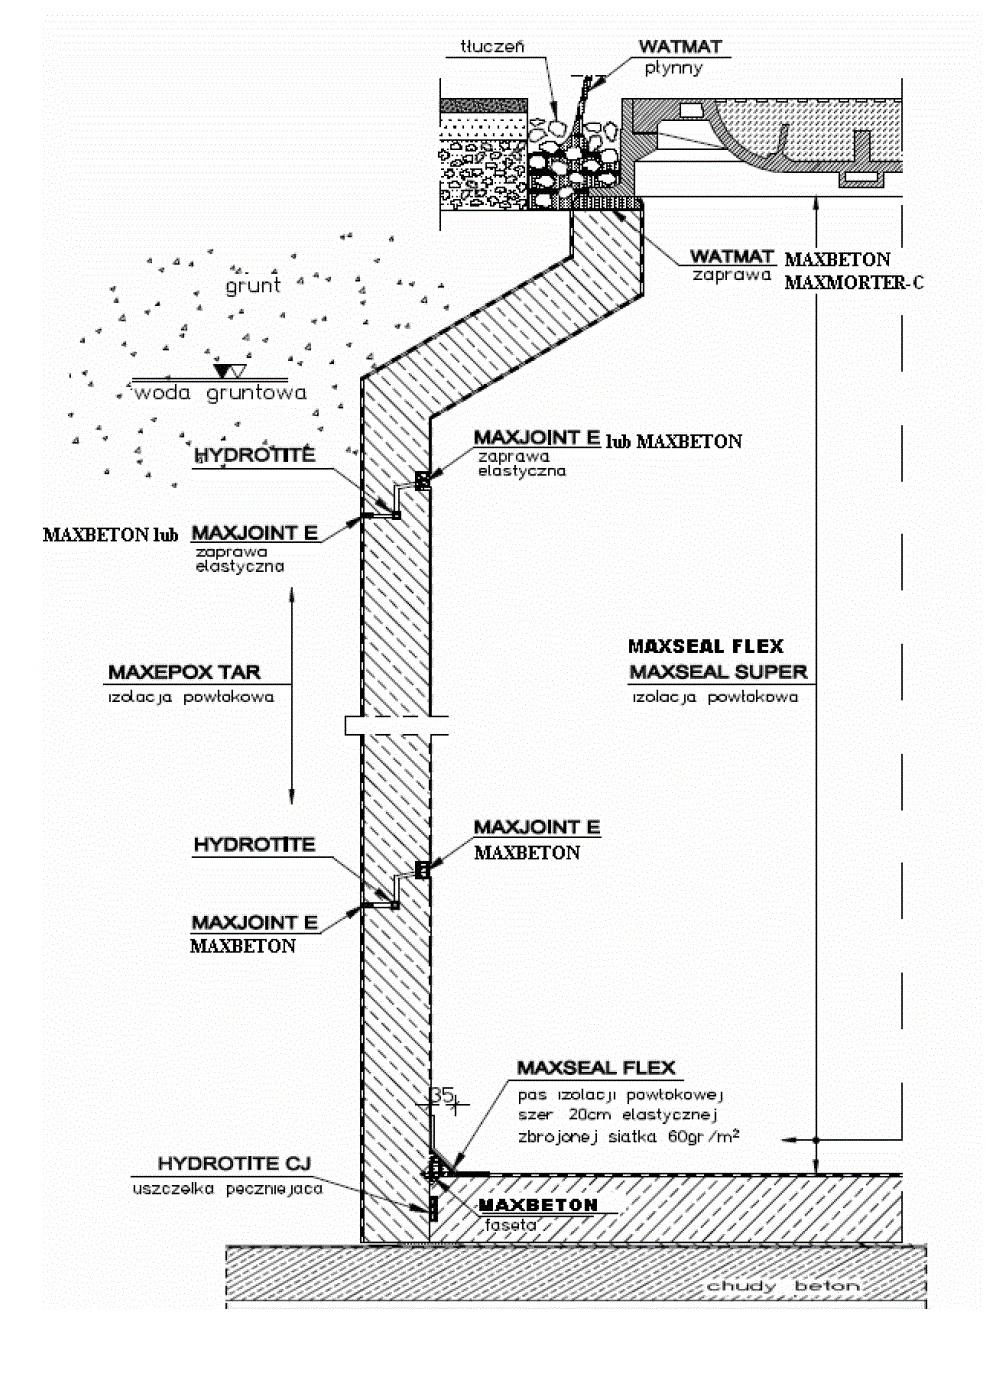 uszczelnienie nowej studzienki kanalizacyjnej poradniki budowlane poradniki budowlane. Black Bedroom Furniture Sets. Home Design Ideas